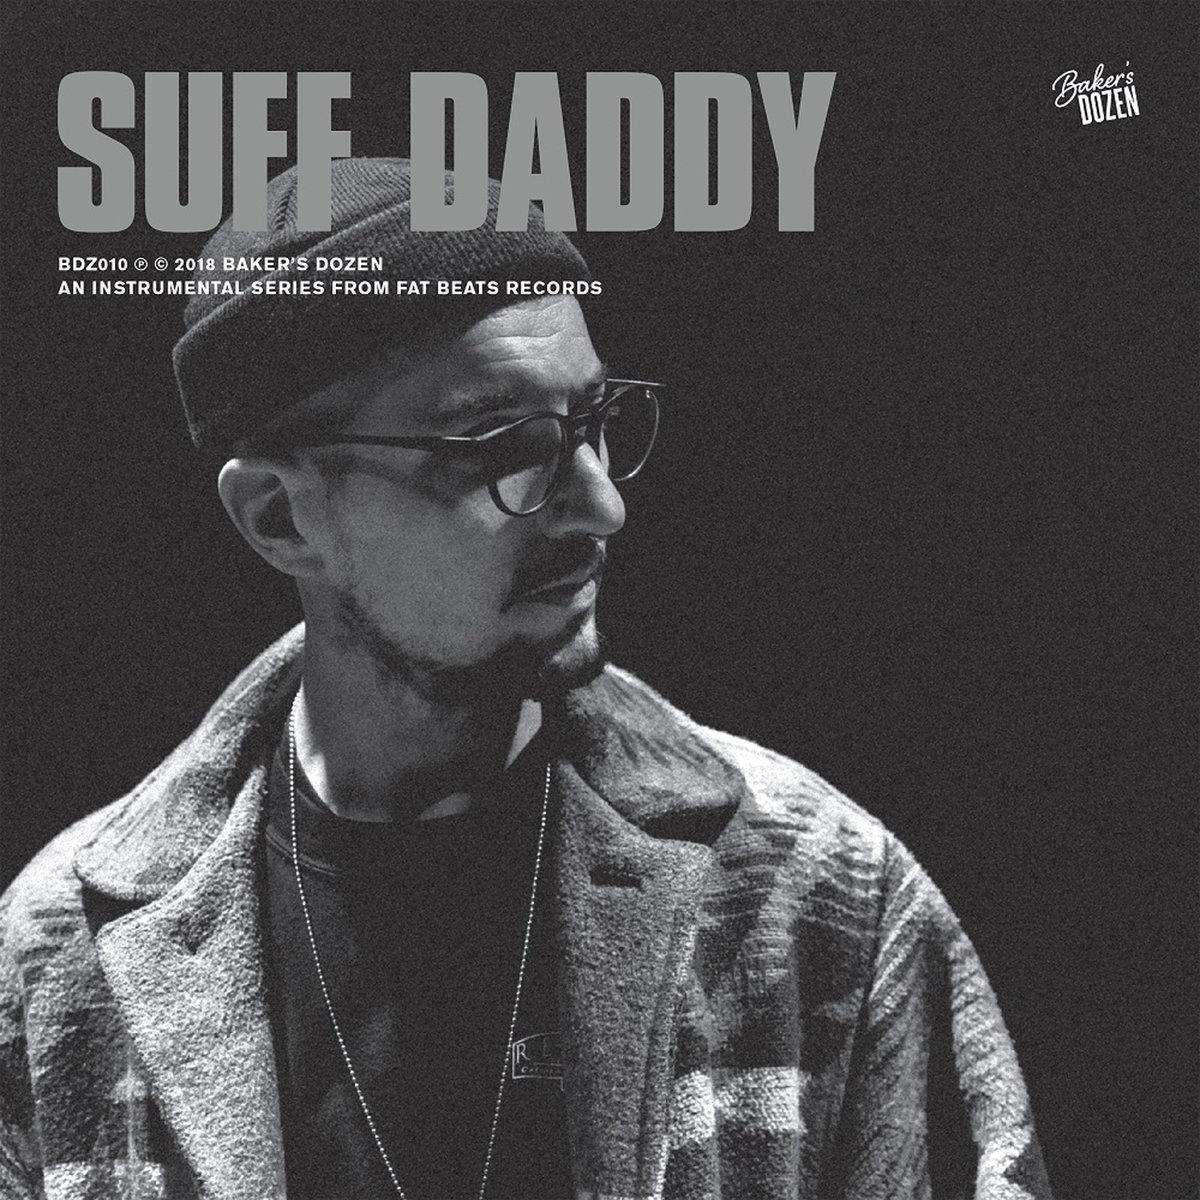 Baker_s_dozen_suff_daddy